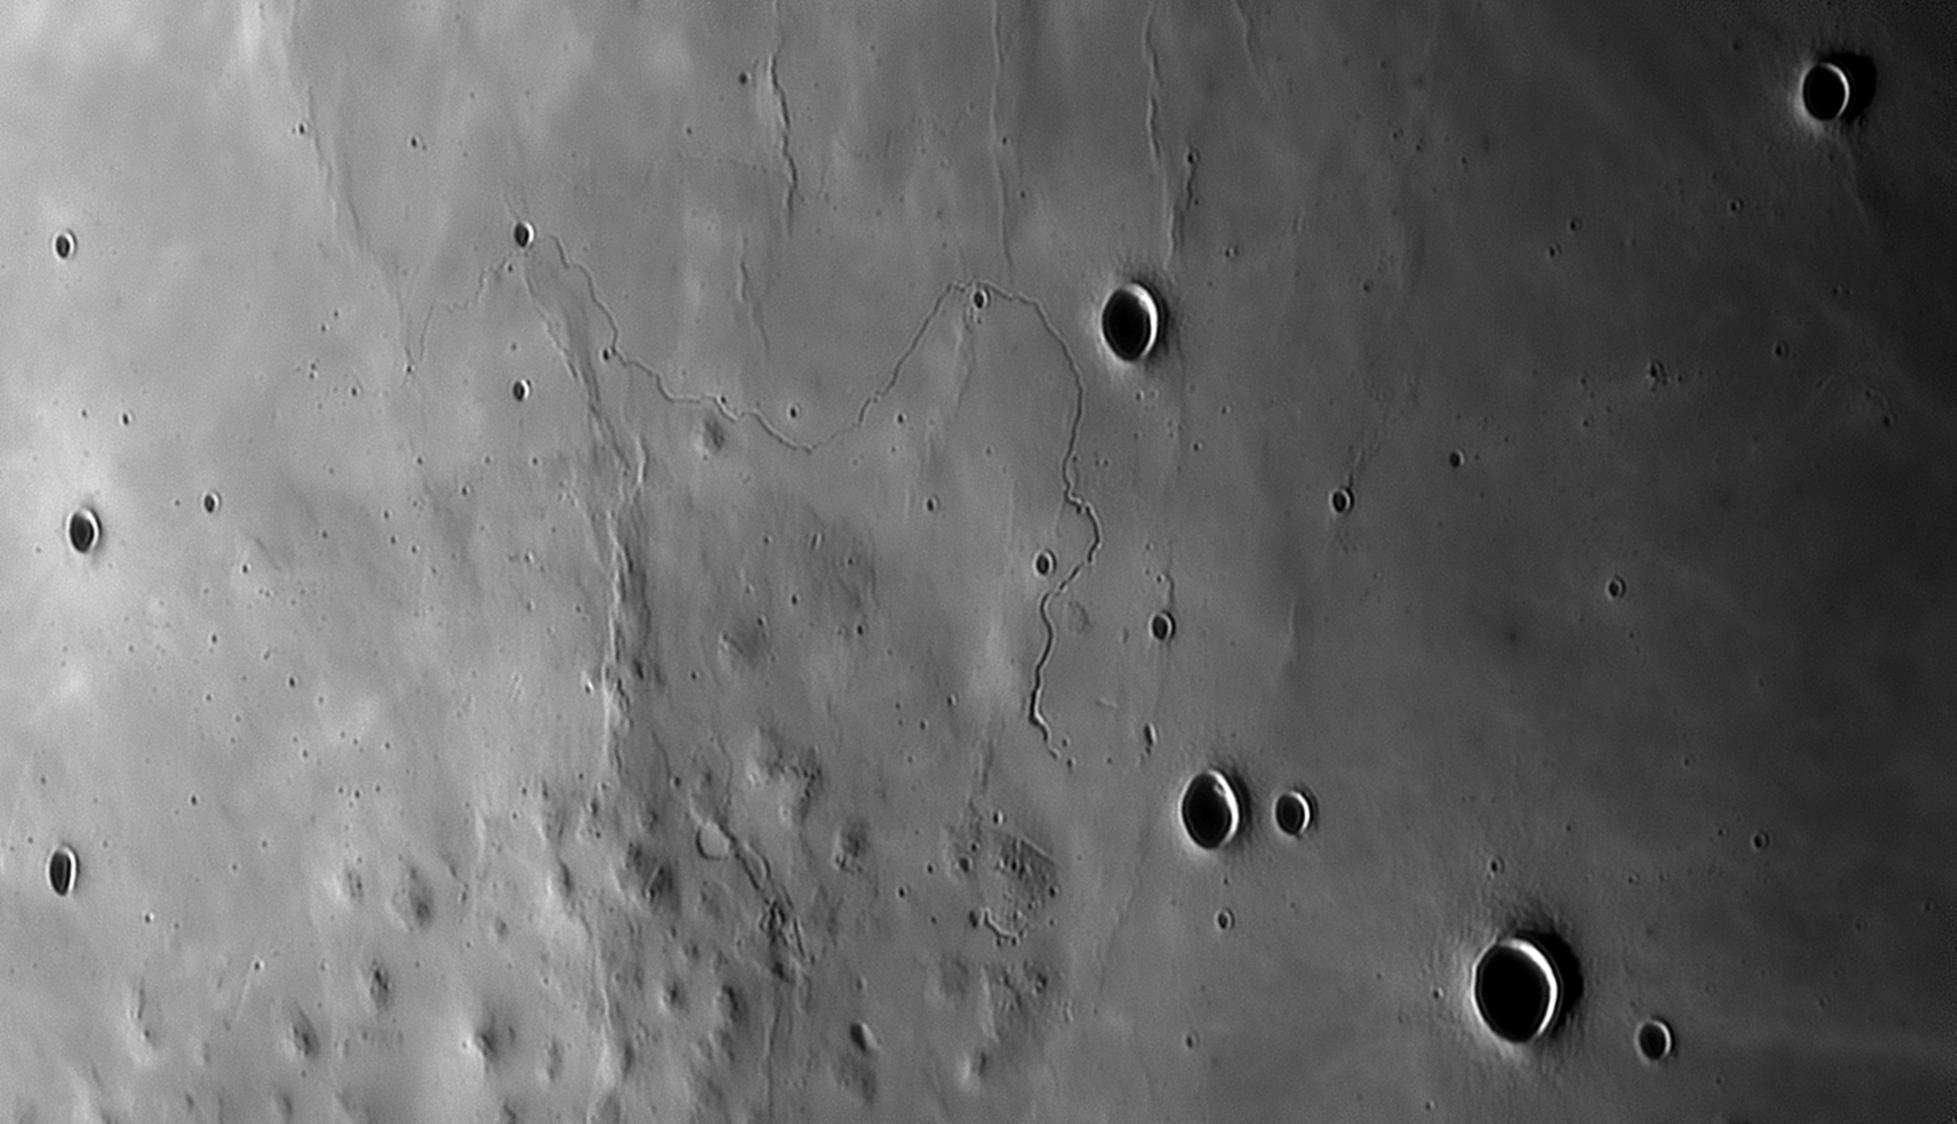 Lune 26/08/2019 Bastia C14 ASI290 Barlow 2x Clavé : Rimae_Marius